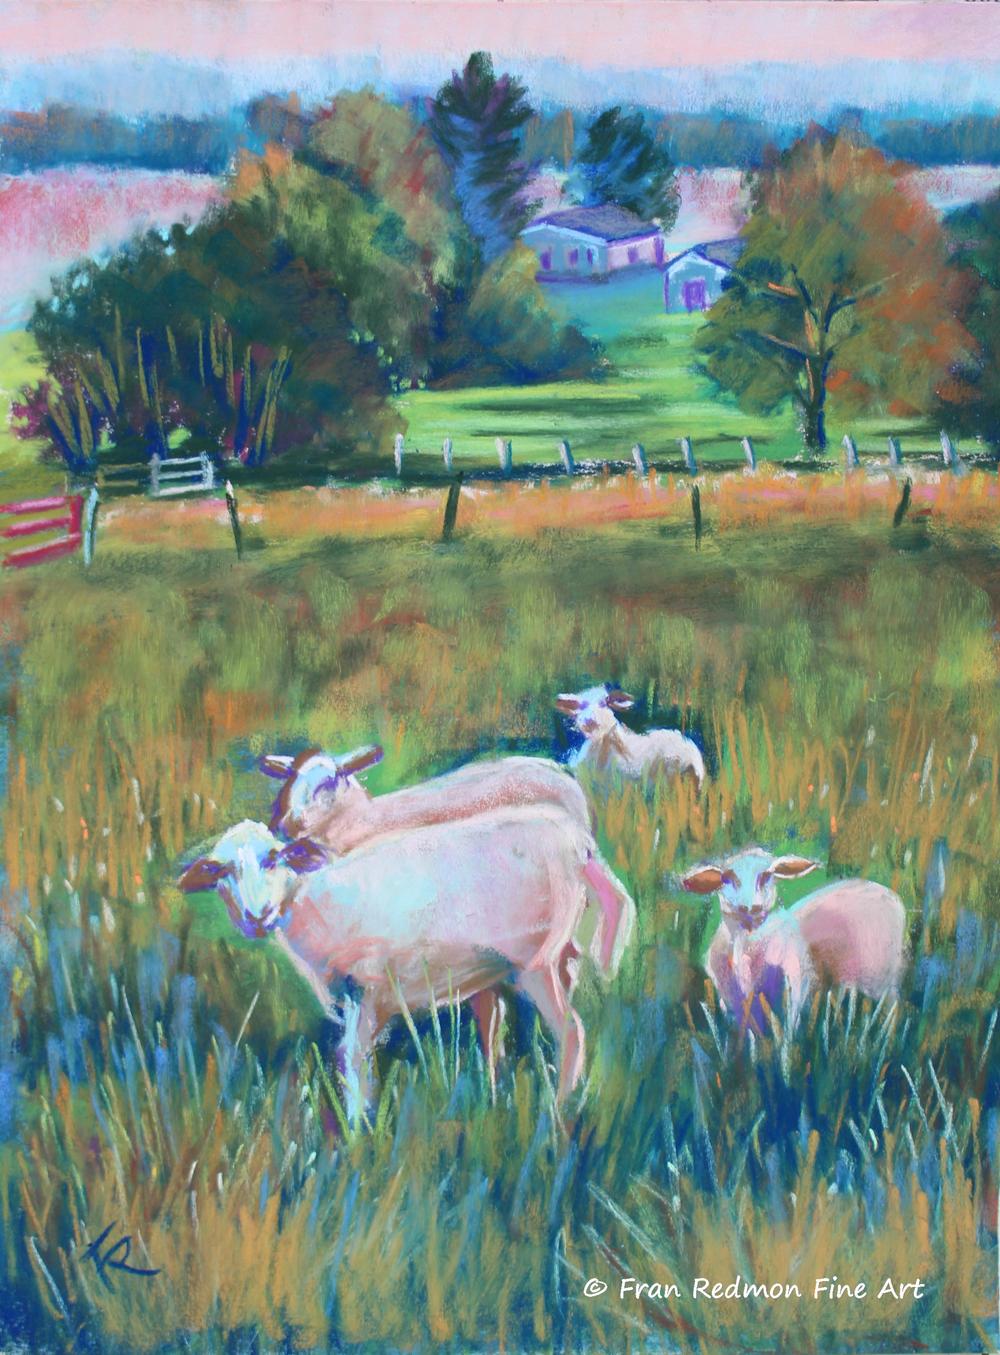 15-04-10 Farmer Joe's Sheep Logo(1).jpg